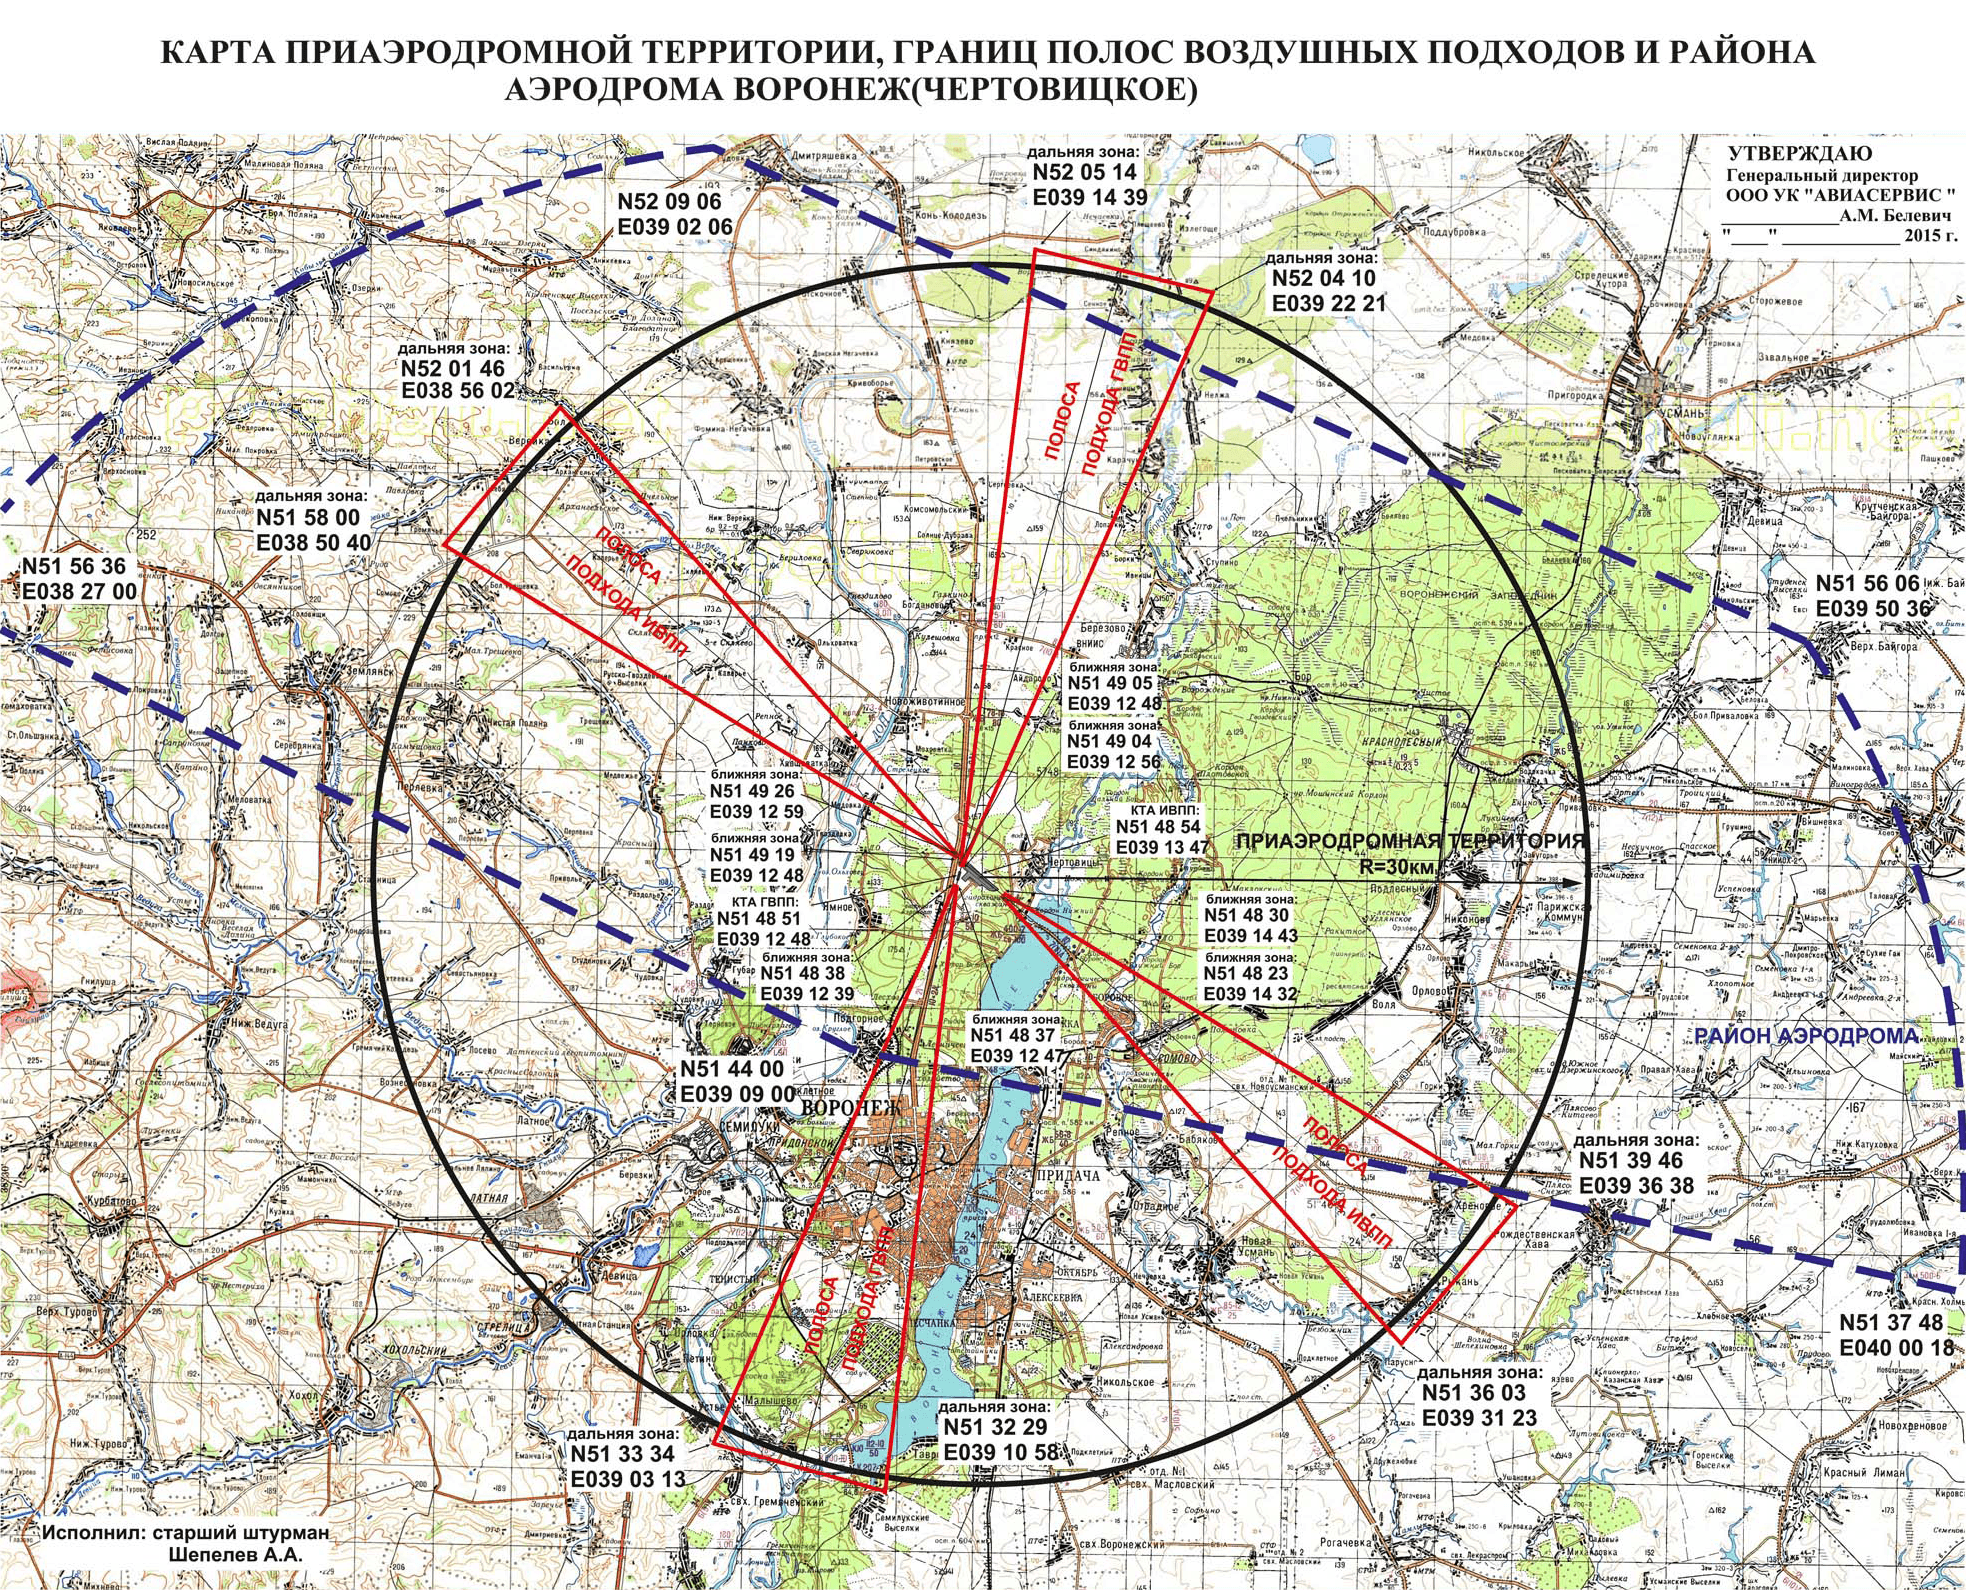 Приаэродромная территория воронежского аэродрома Чертовицкое в радиусе 30 км от аэропорта